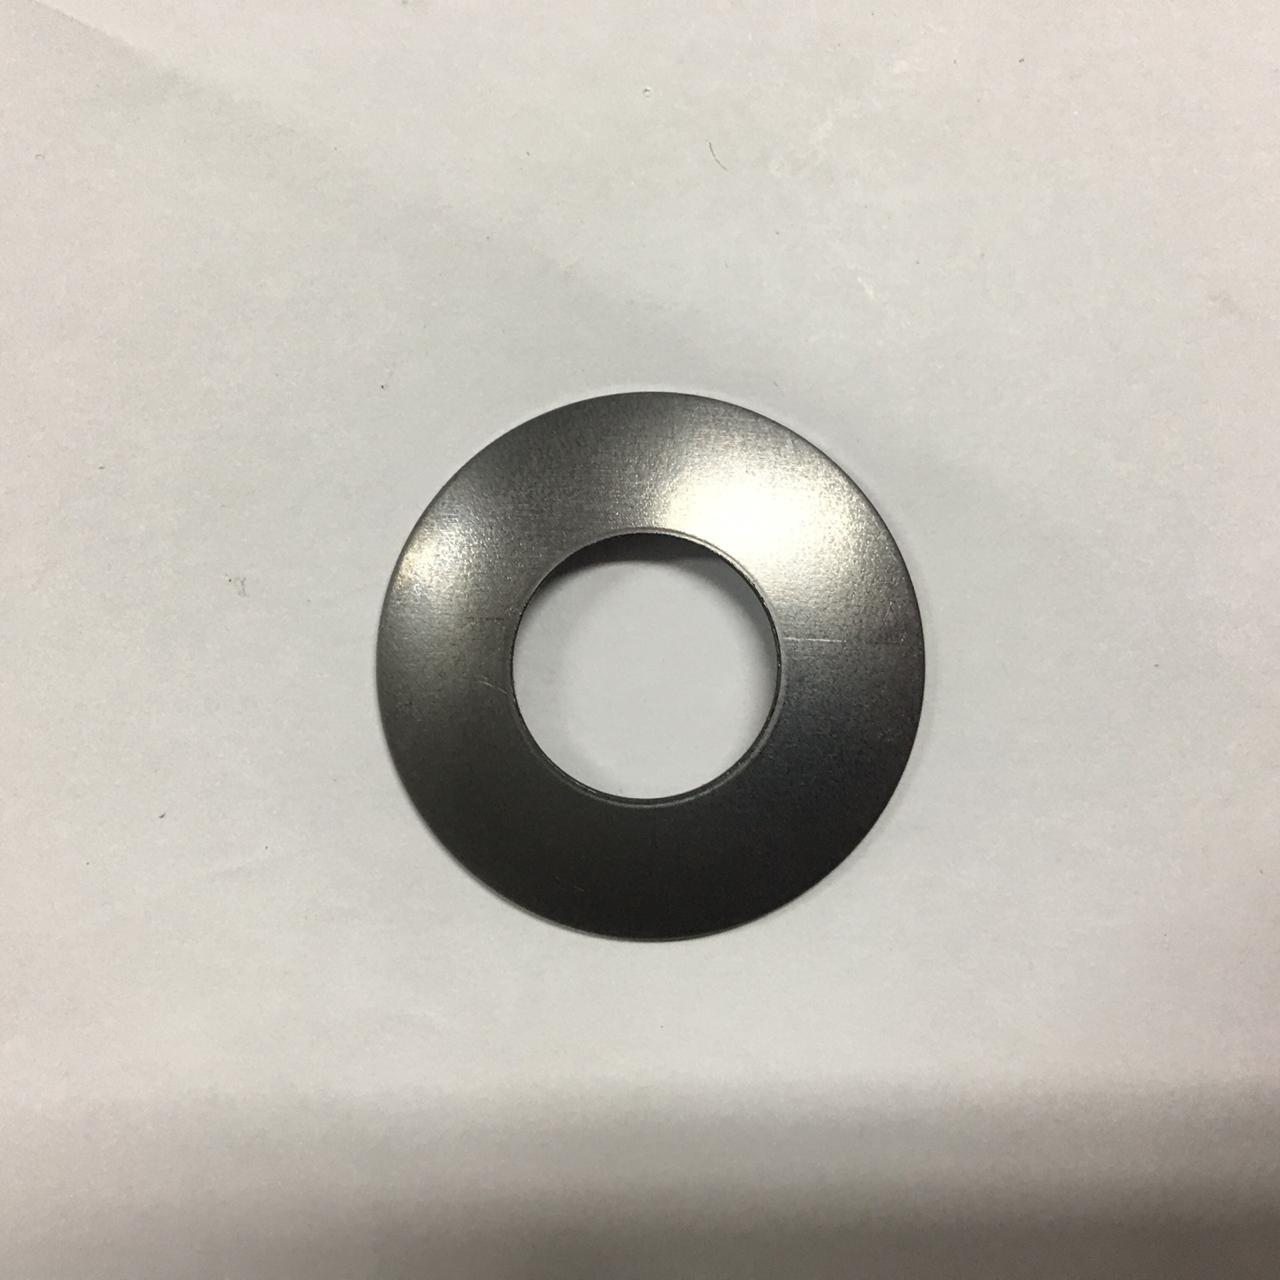 Arruela de Metal Para Bloqueio ARB RD56, RD01 - 151101